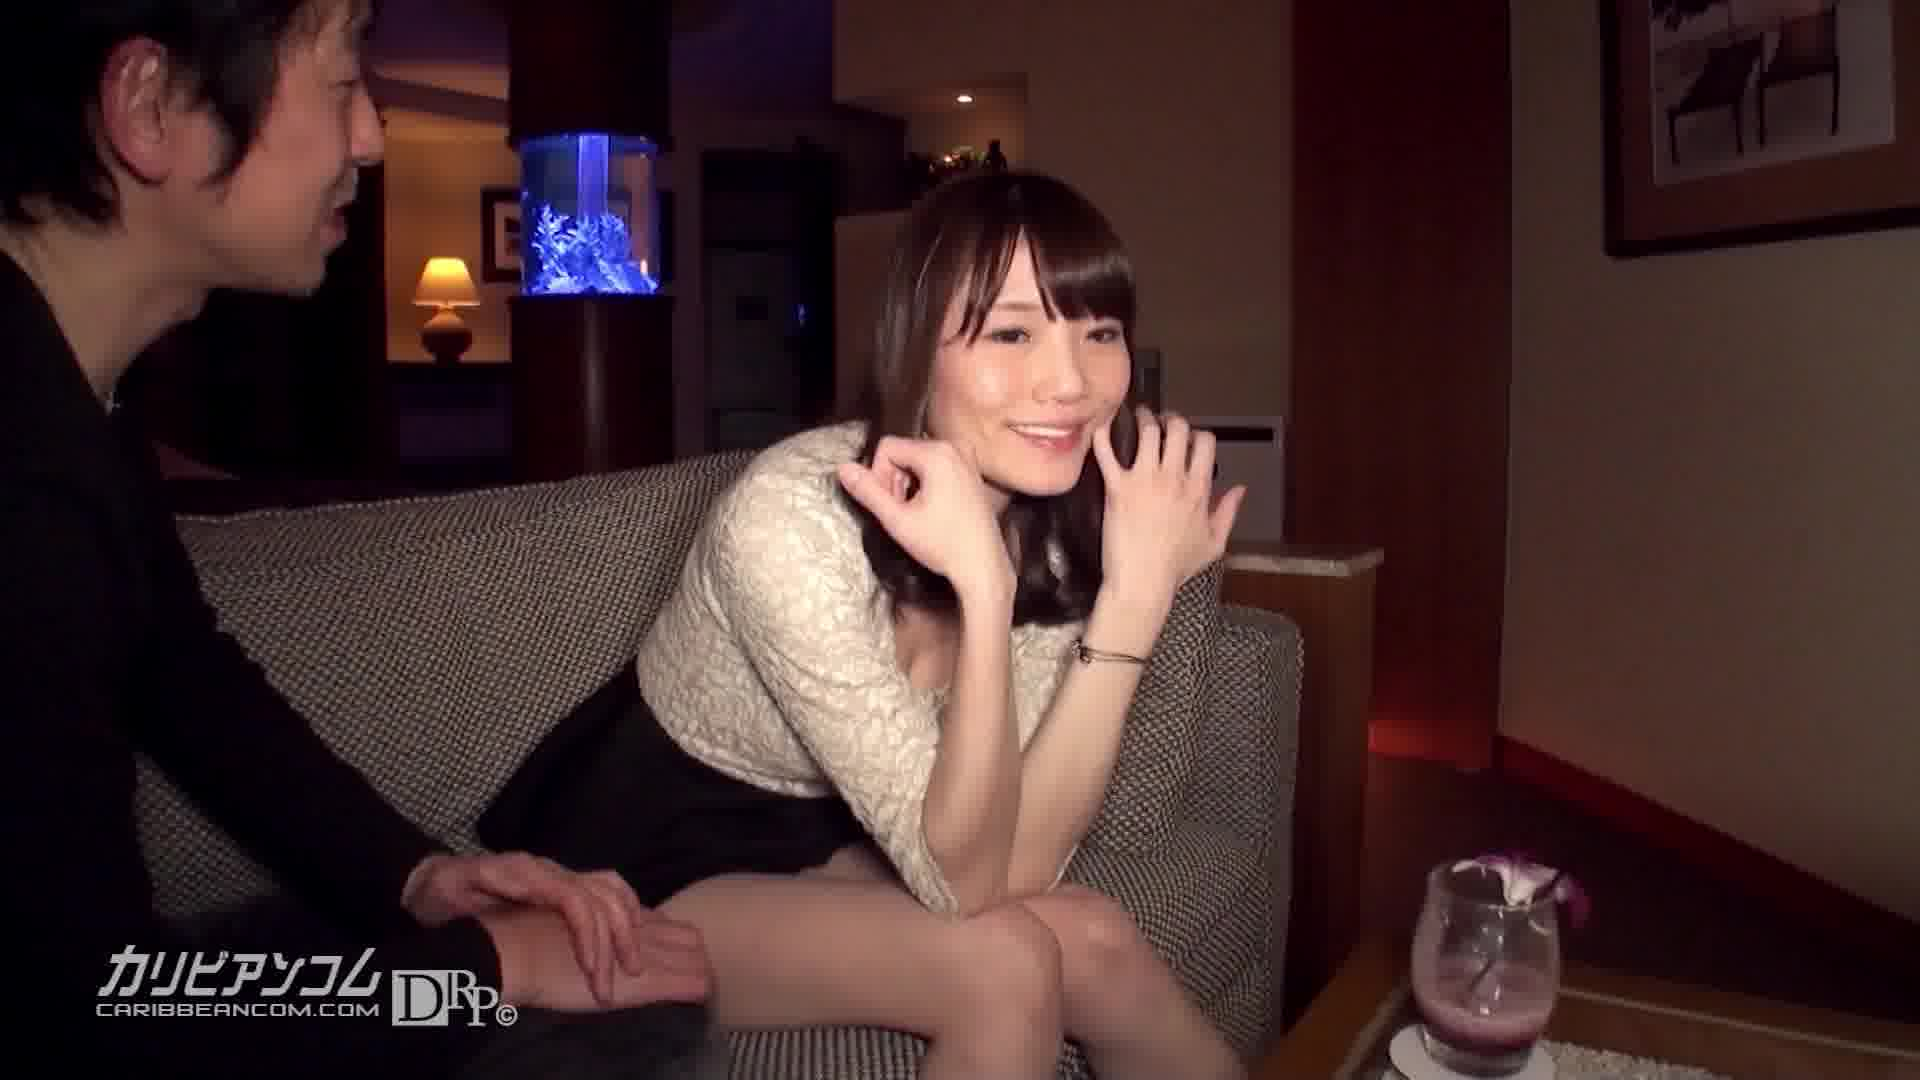 AV女優と飲み…そして泊まりSEX by HAMAR 3 前編 - 優木あおい【ハメ撮り・ドキュメンタリー・中出し】